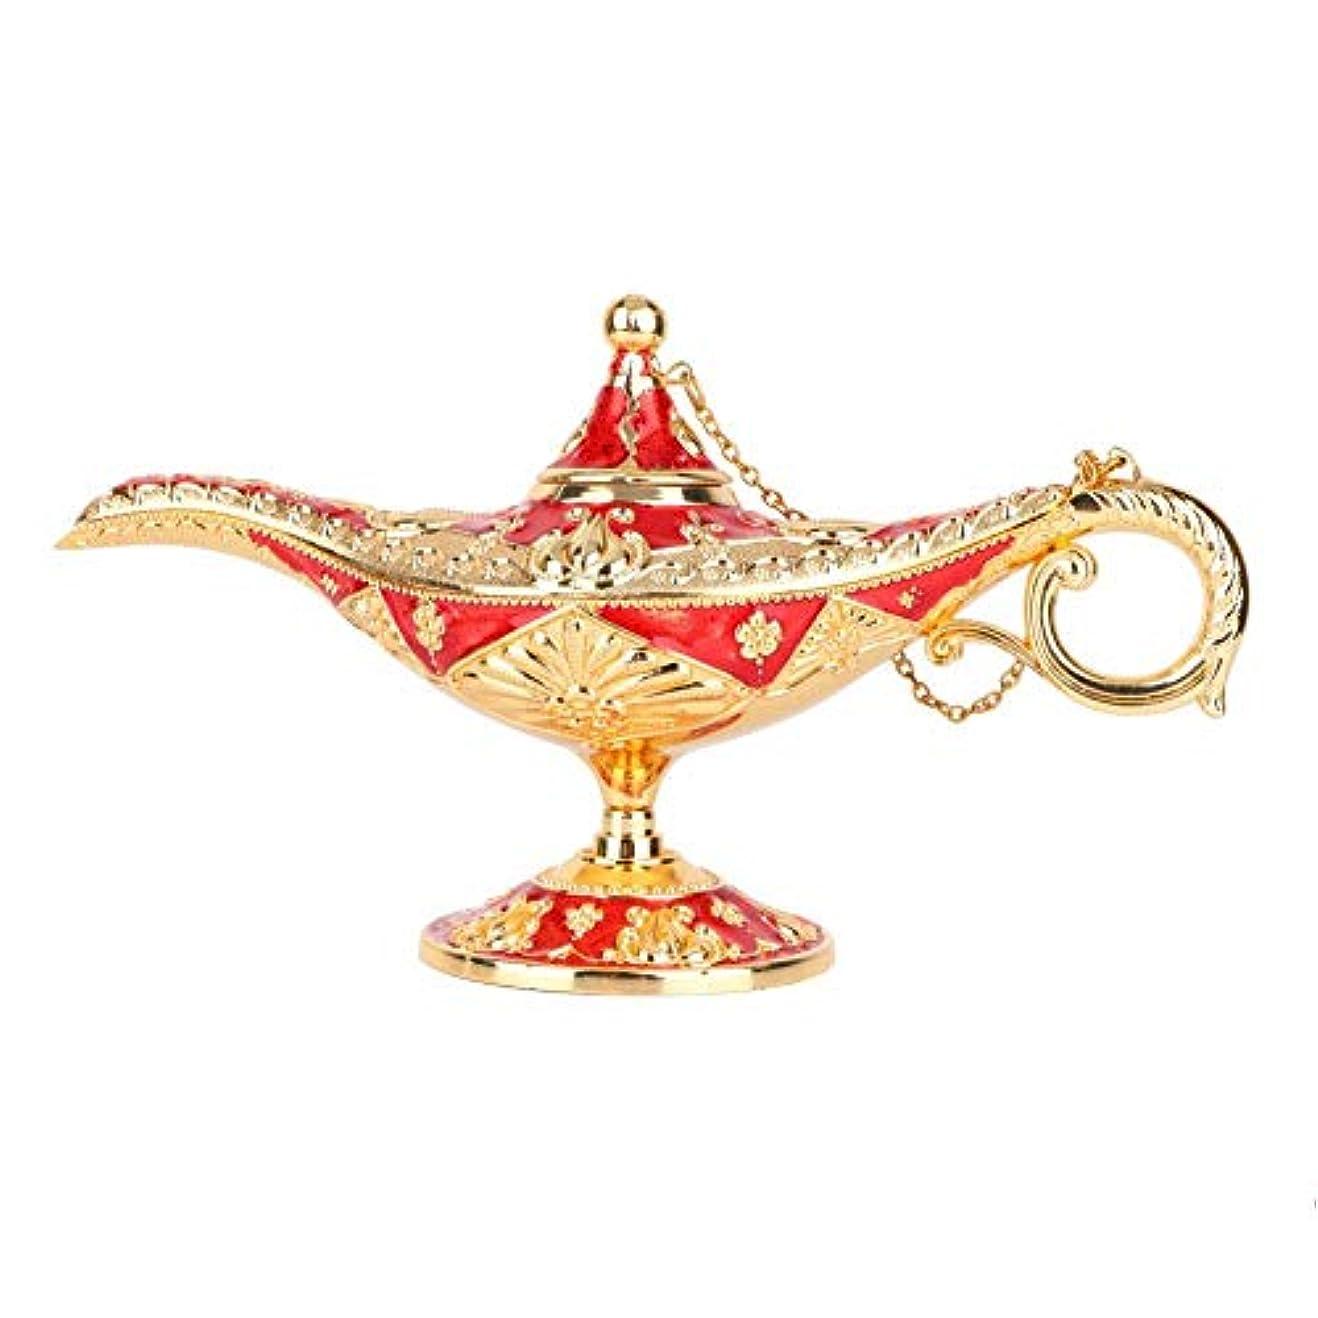 シリアル誓う研究魔神ランプ、金属3Dパターン彫刻中空伝説マジックライトウィッシングポット装飾、家の装飾、コレクション、またはギフトとしてのさび止めフェード防止